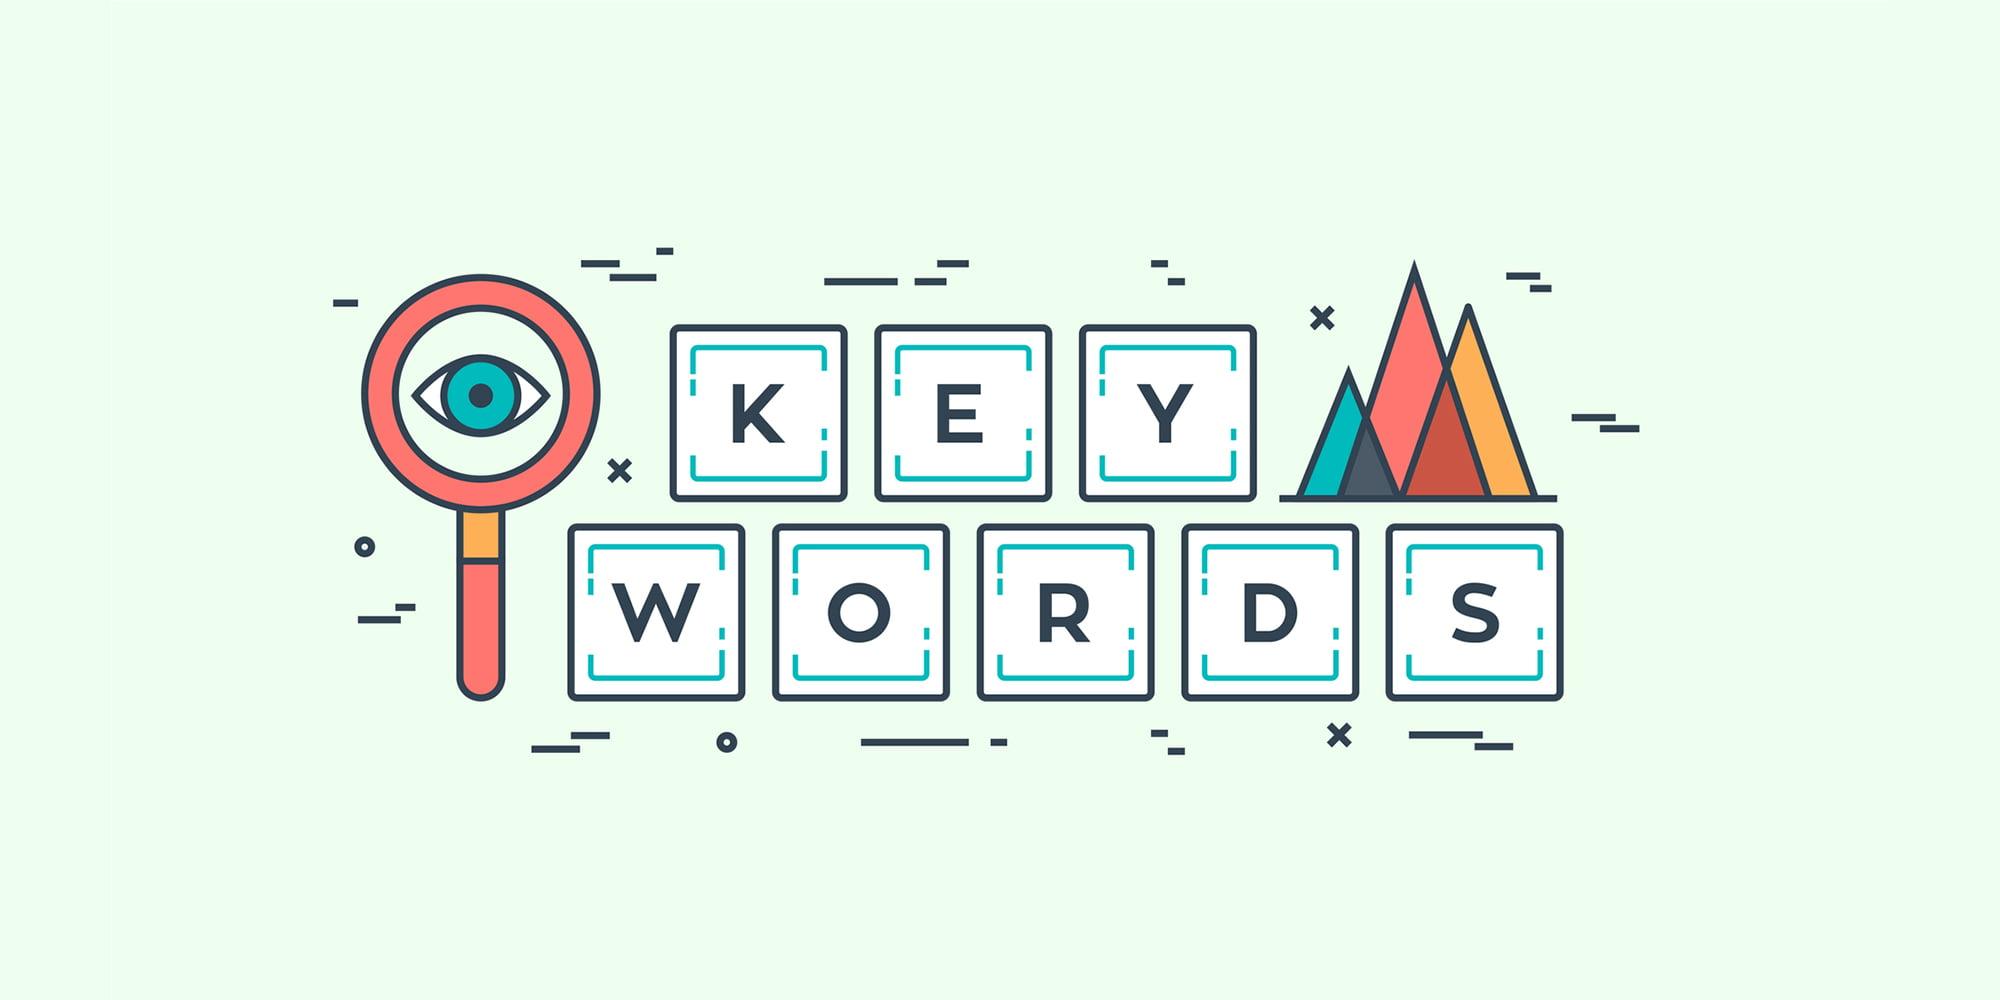 SEO ile ilgili temel bilgiler: Anahtar kelime nedir?